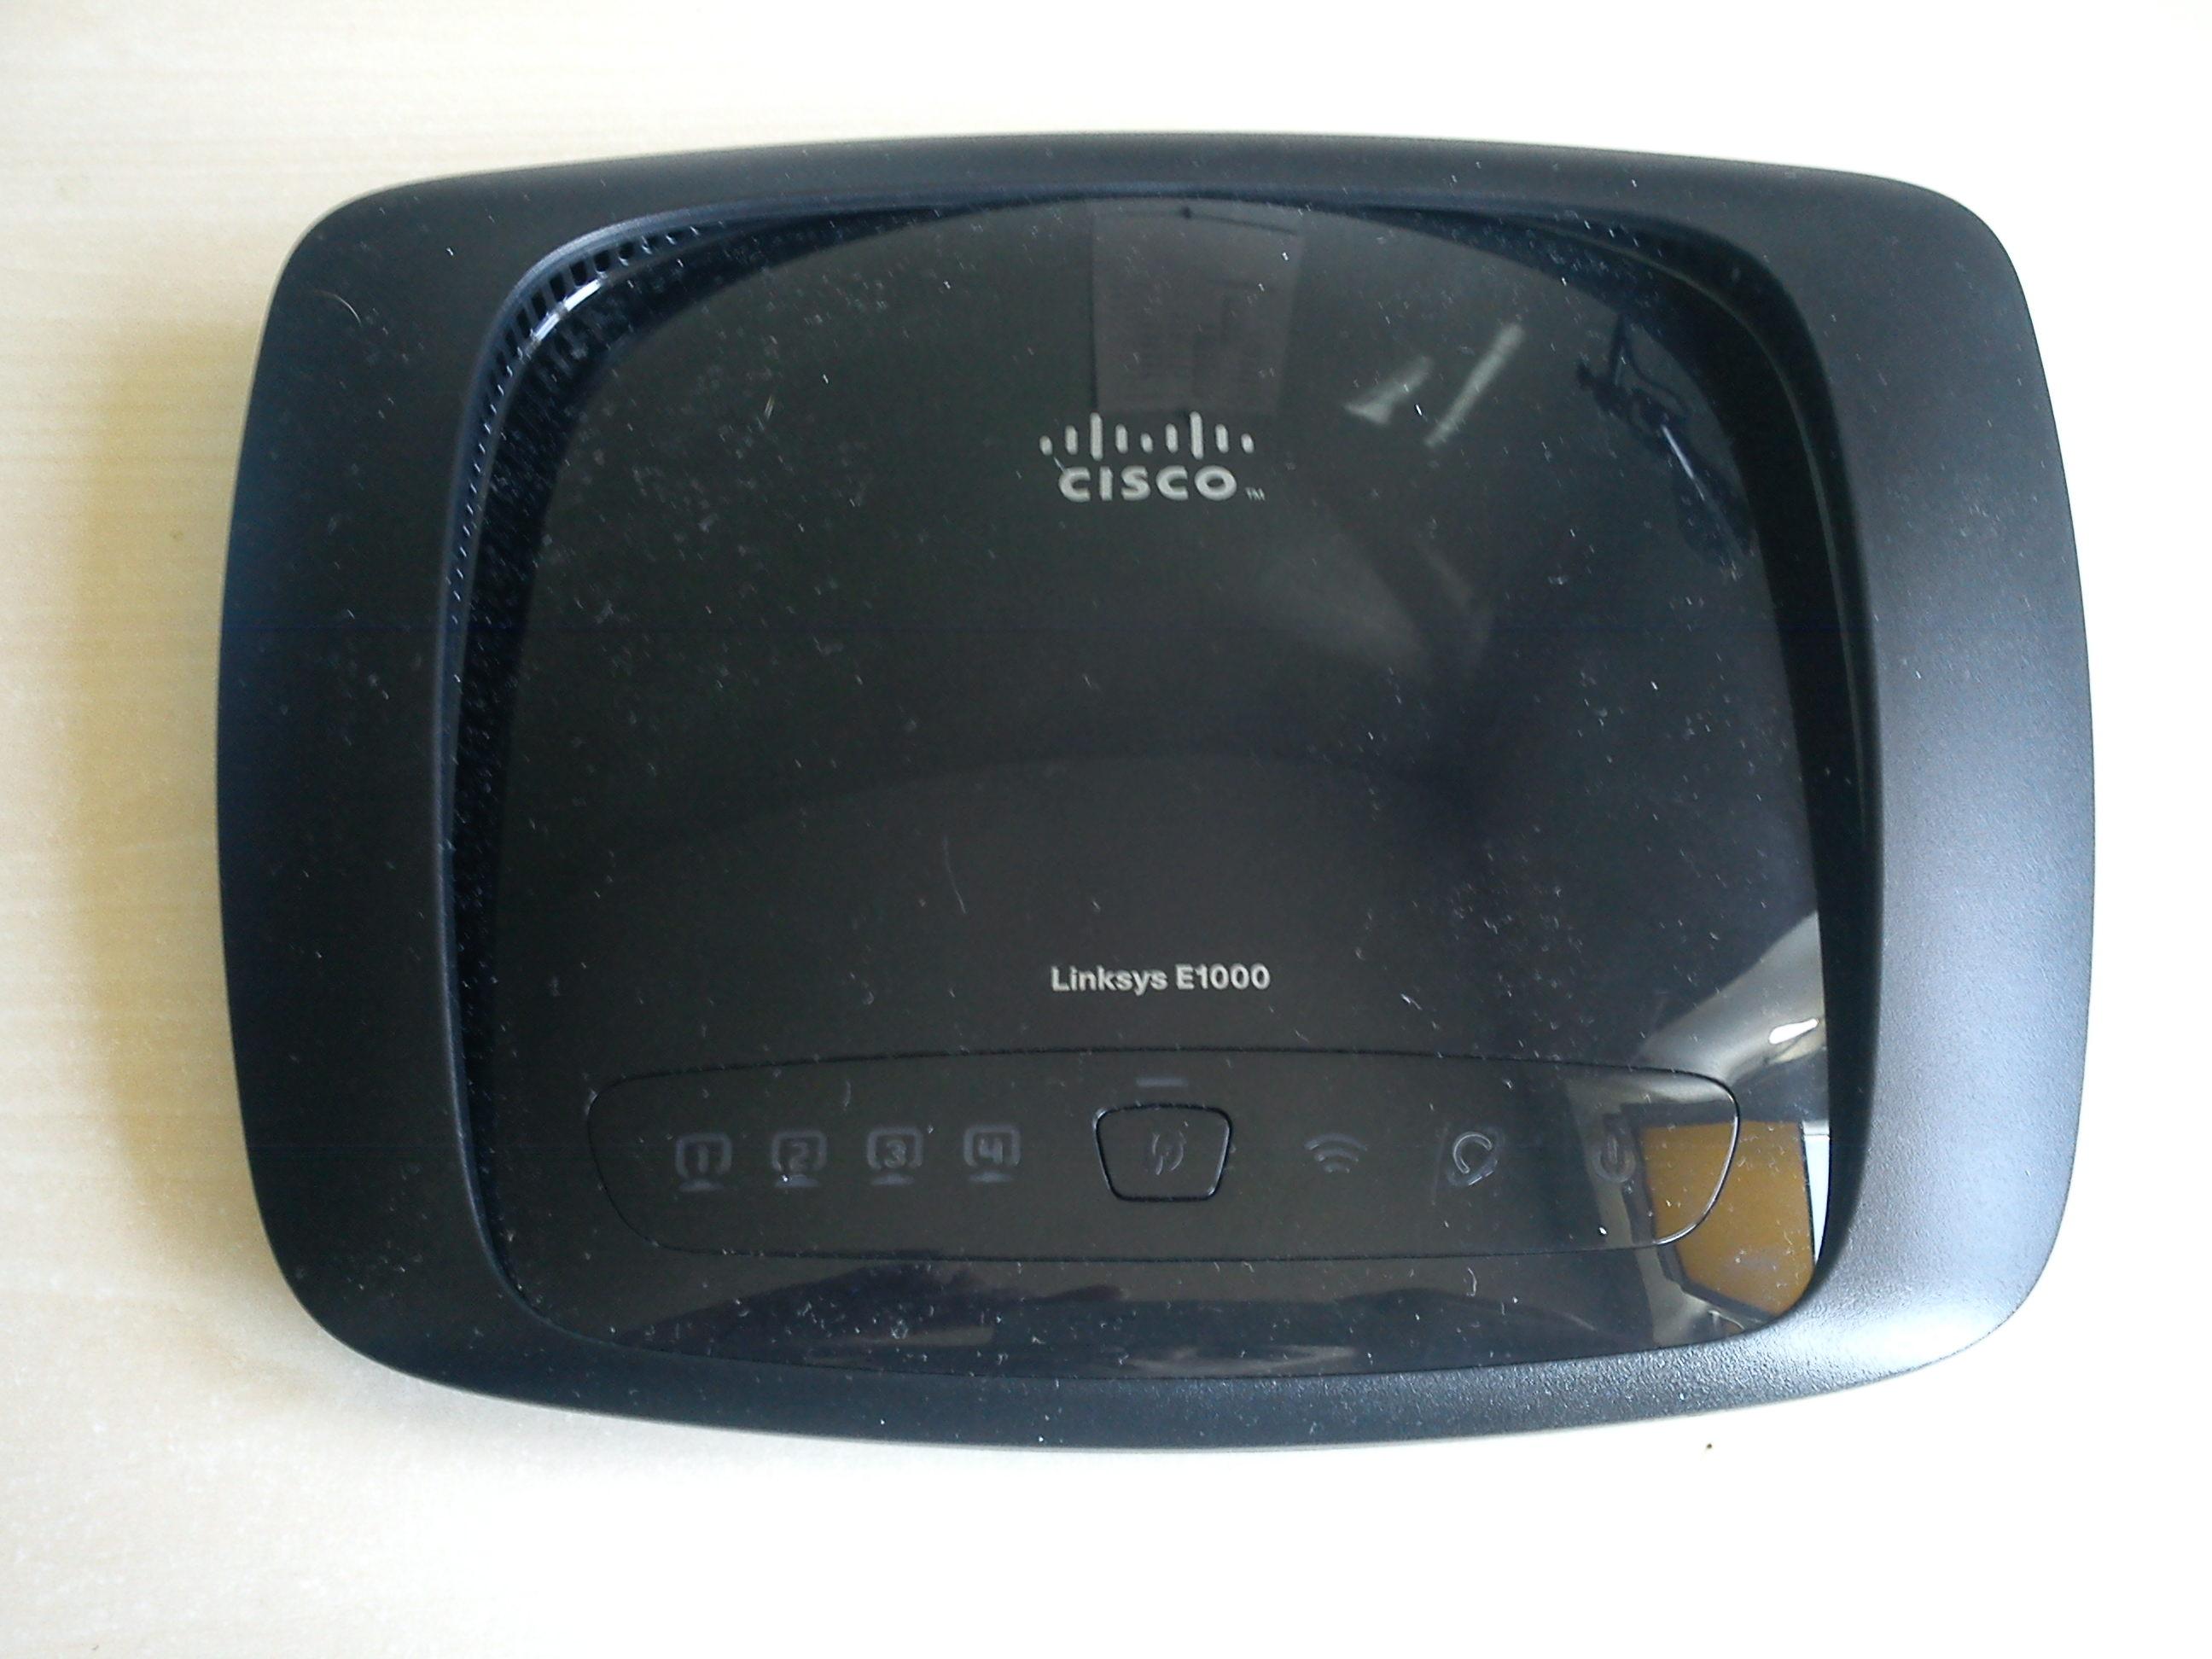 Sprzedam Router Linksys E1000 Cisco Wireless N